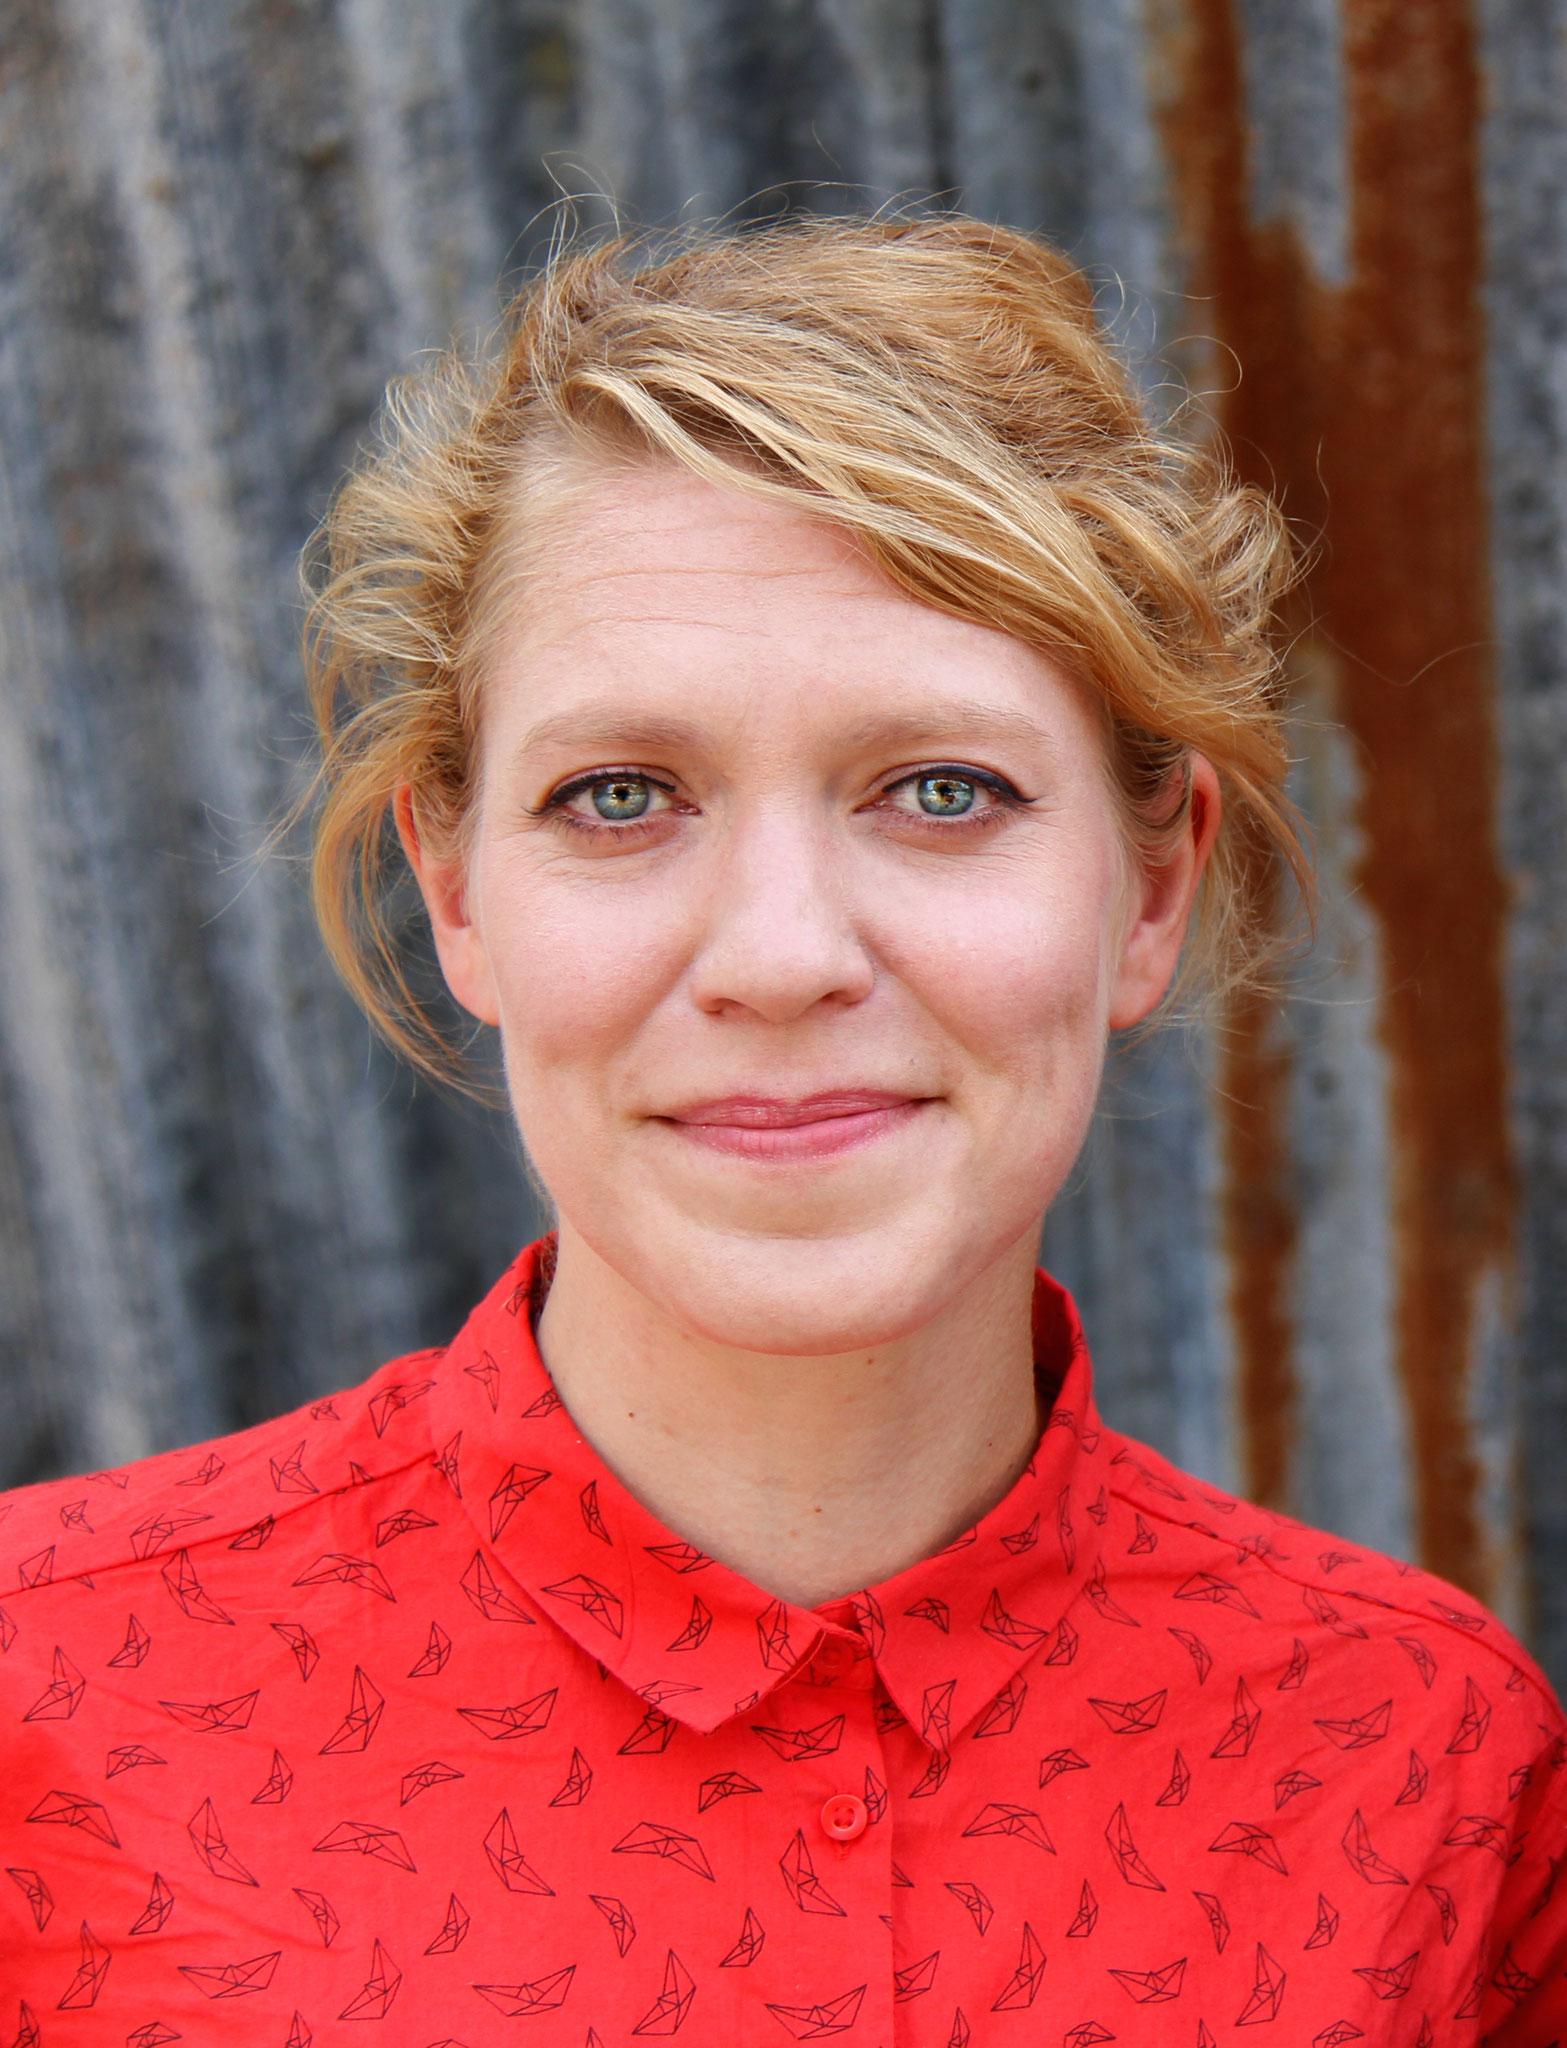 Leena Schmitter, Grünes Bündnis Bern: Weil junge Frauen und Mädchen das Recht auf Schutz und Sicherheit haben & weil eine sichere Notunterkunft helfen kann, gewaltfreie Zukuftsperspektiven zu entwickeln. Jetzt&ici: pour une MädchenHousedesFilles à Bienne